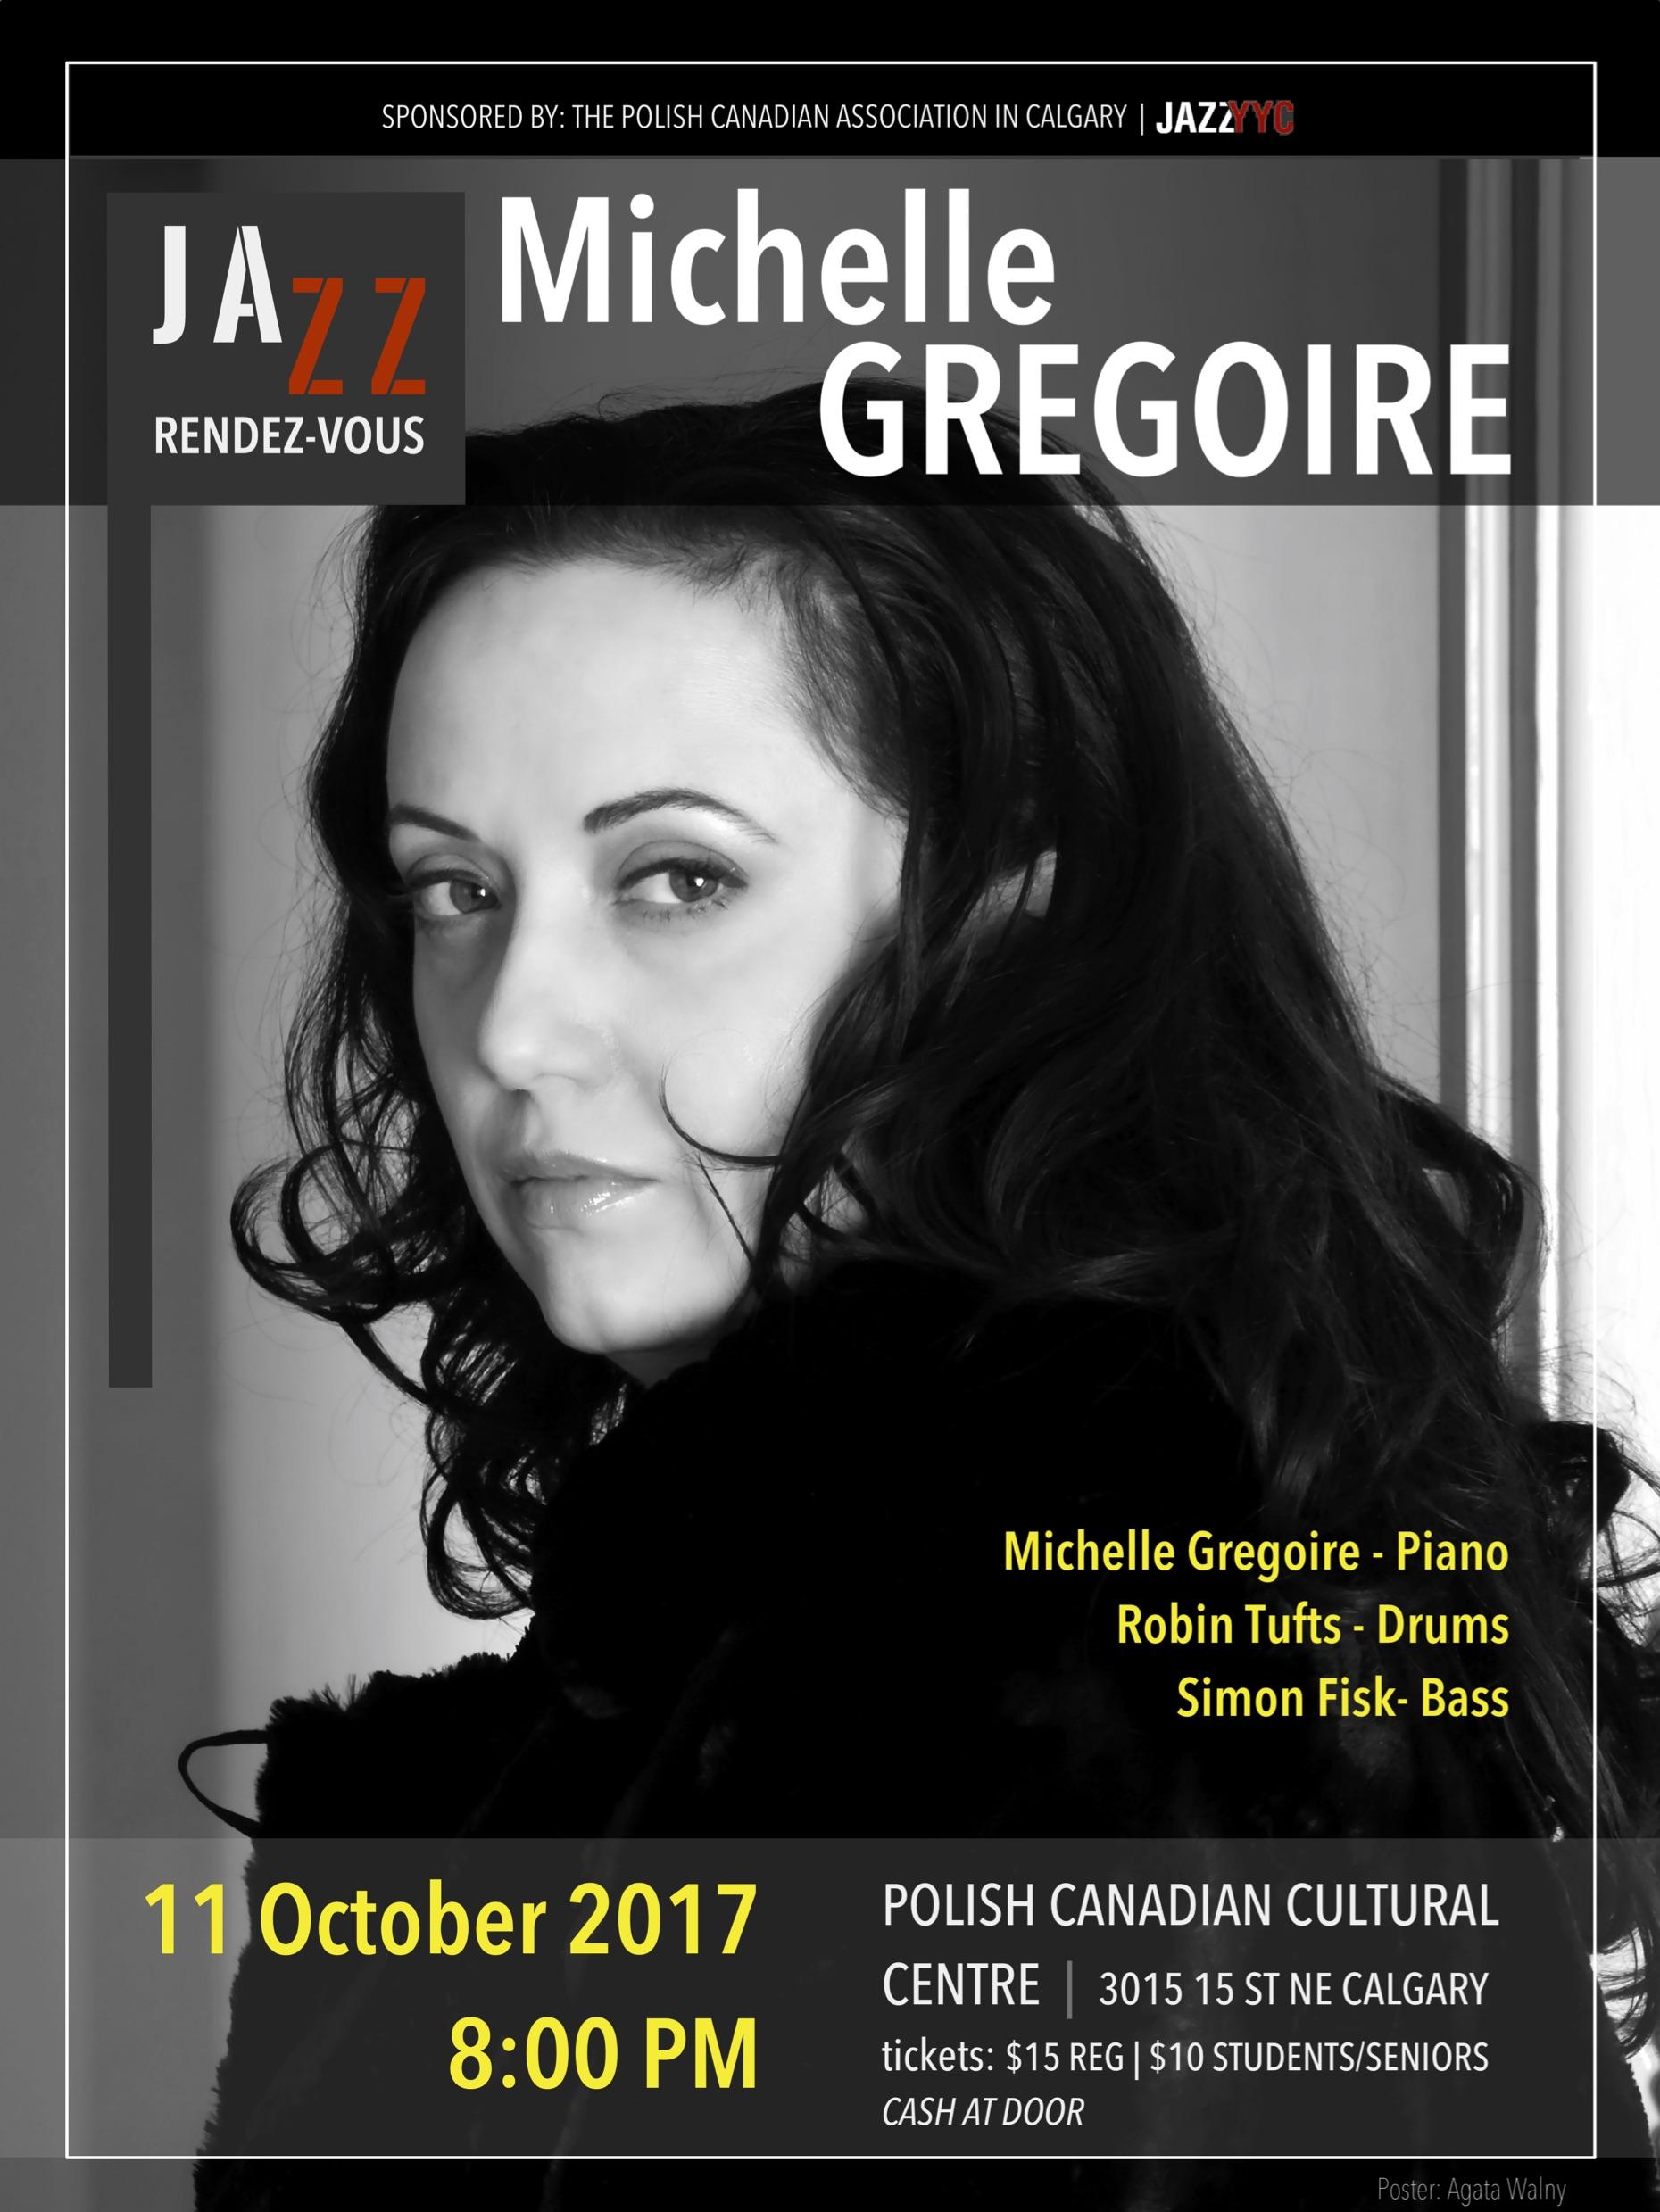 Michelle Gregoire